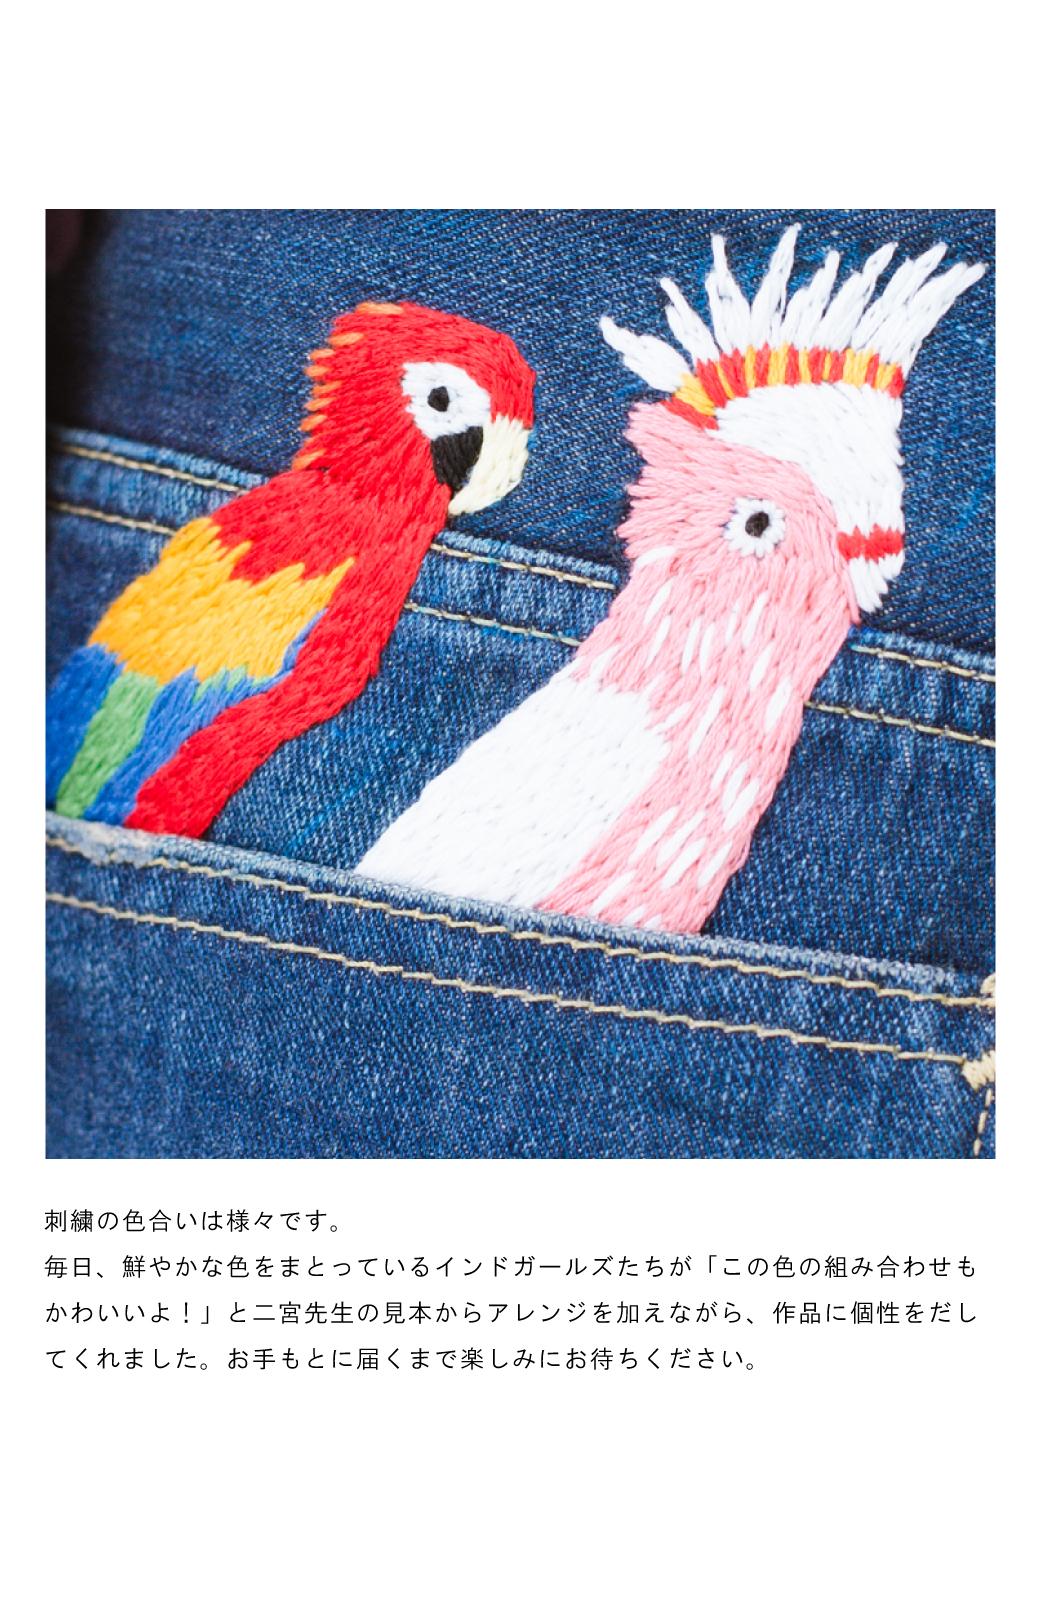 haco! Stitch by Stitch ポケットから大好きな鳥さんがこんにちは!Lee for PBP シルエットがきれいなデニムパンツ <インディゴブルー>の商品写真3